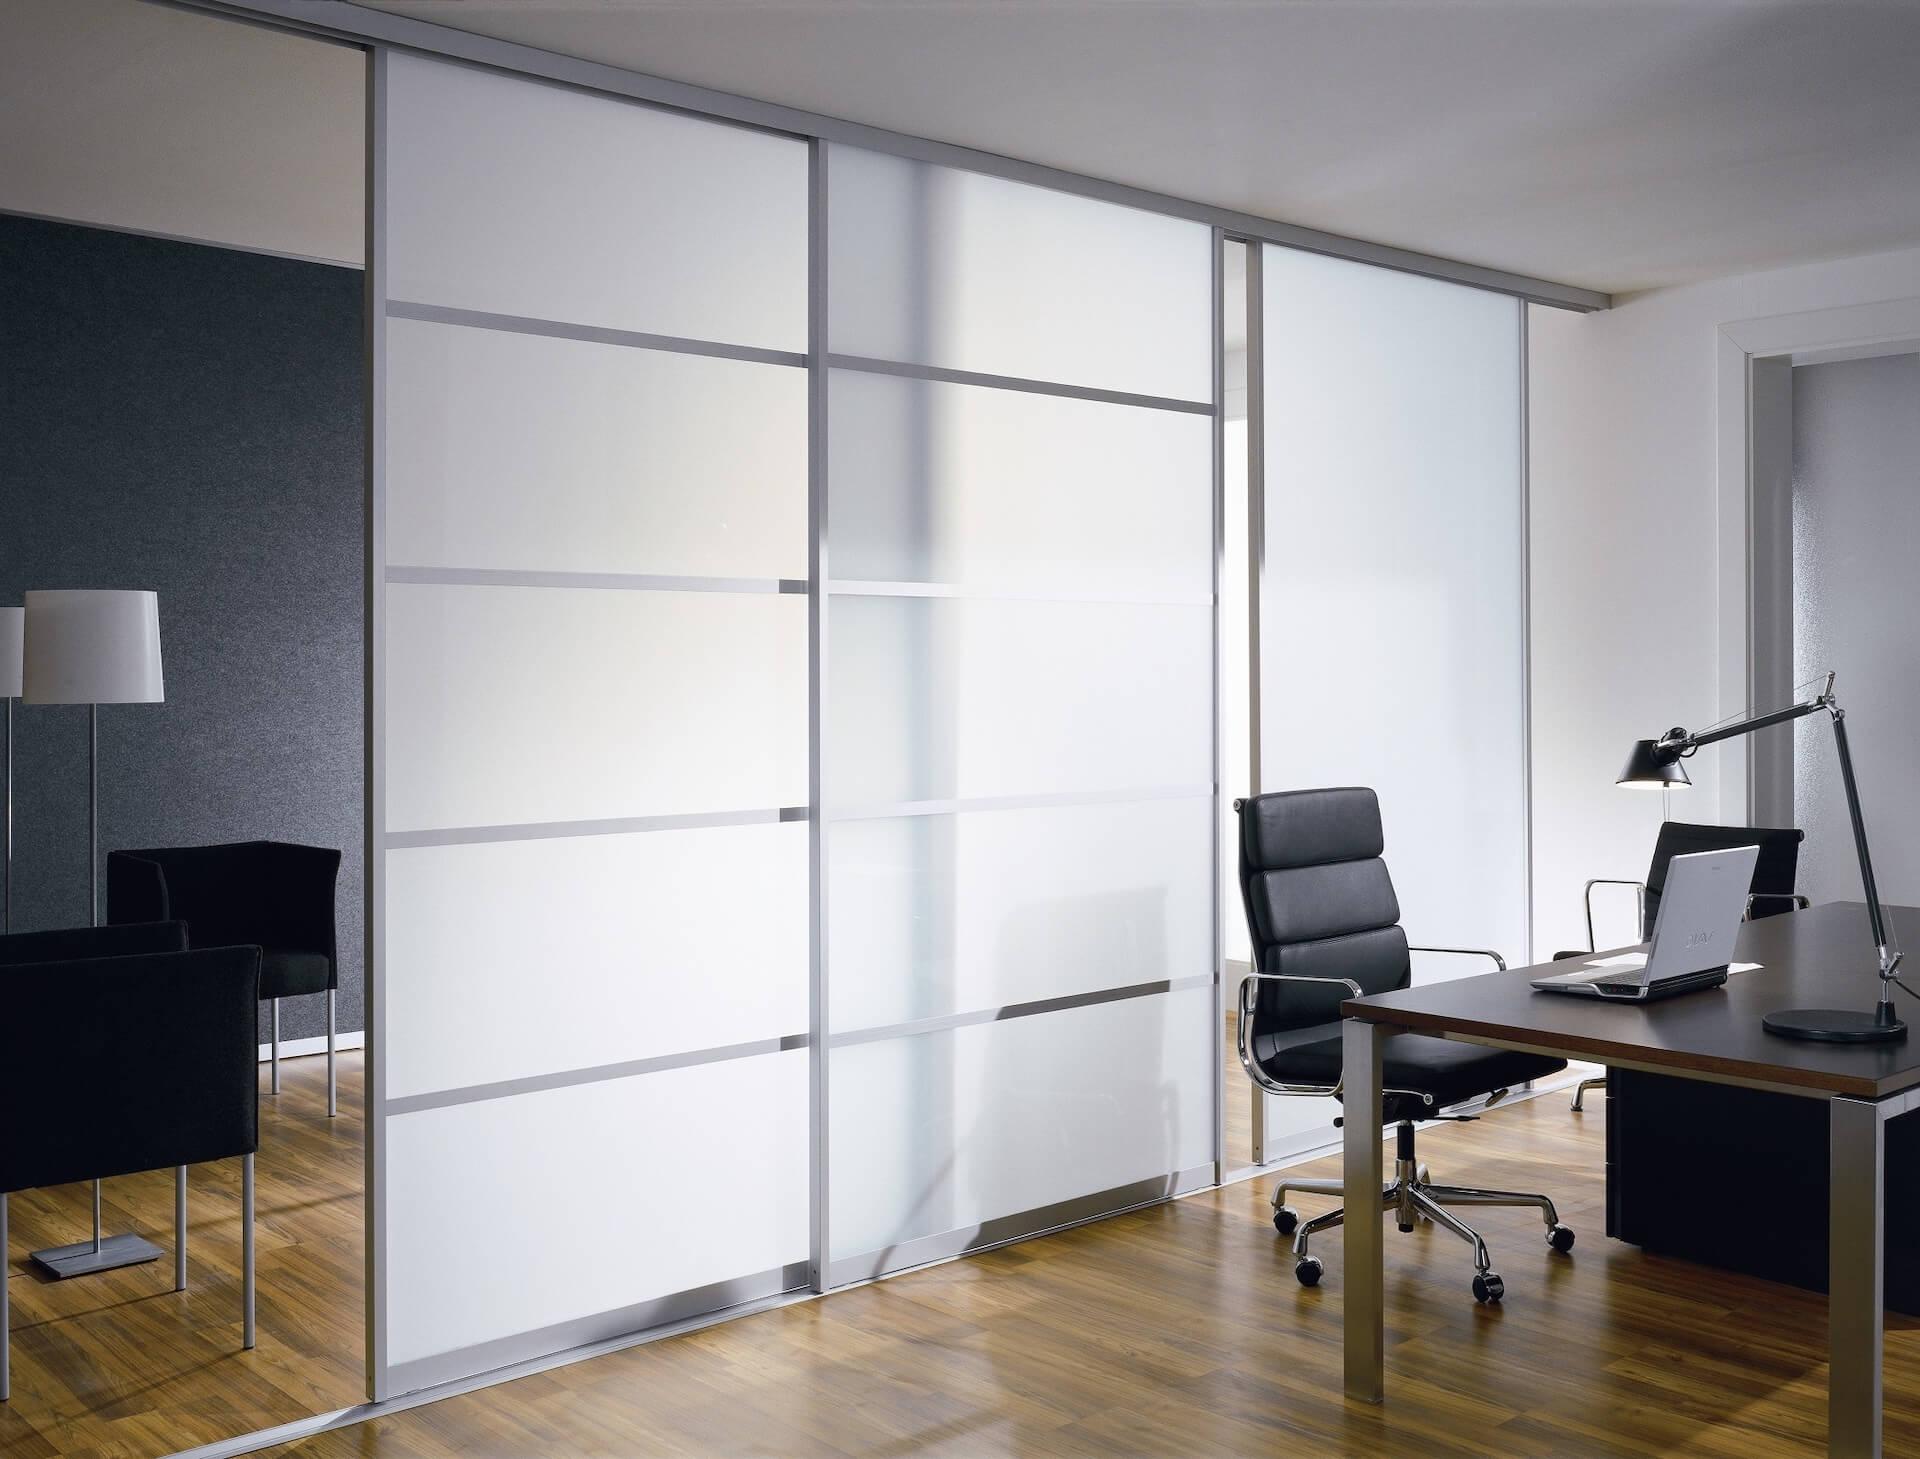 Raumteiler Schiebetür mit Aluminiumrahmen und Glasfüllung